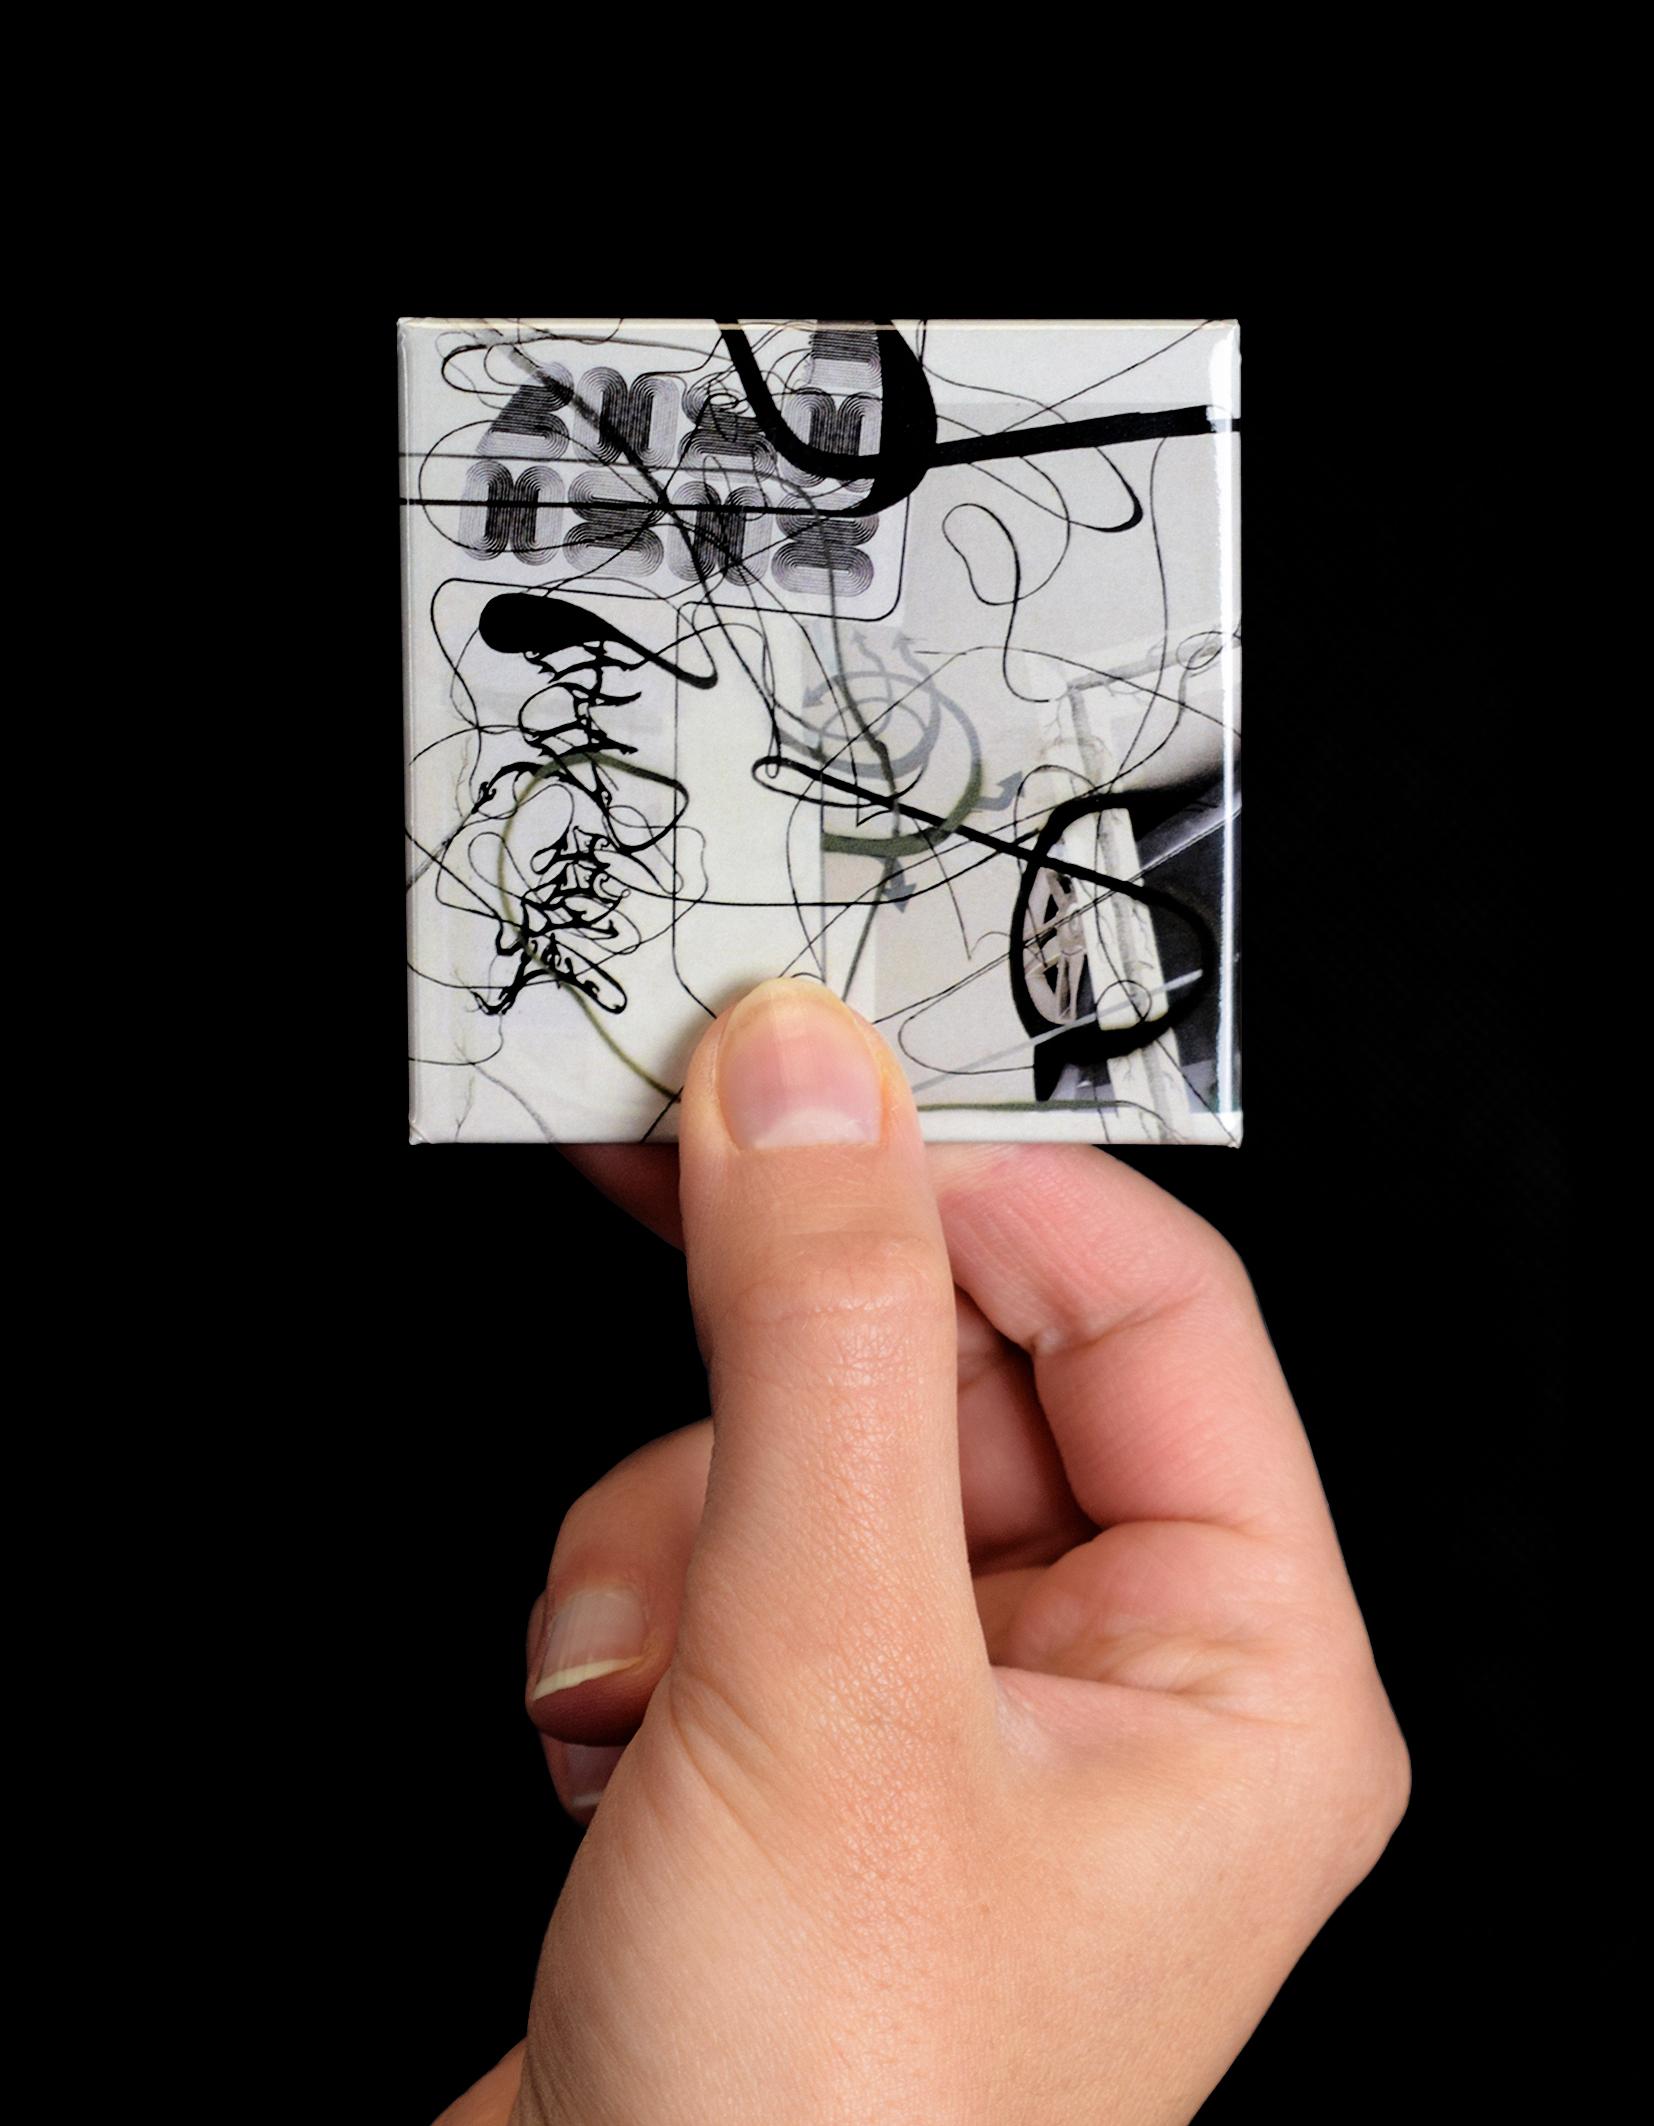 """Magnete personalizzato con opera """"Old Man Driver"""" per l'esposizione """"Cows by the water"""" a Palazzo Grassi"""